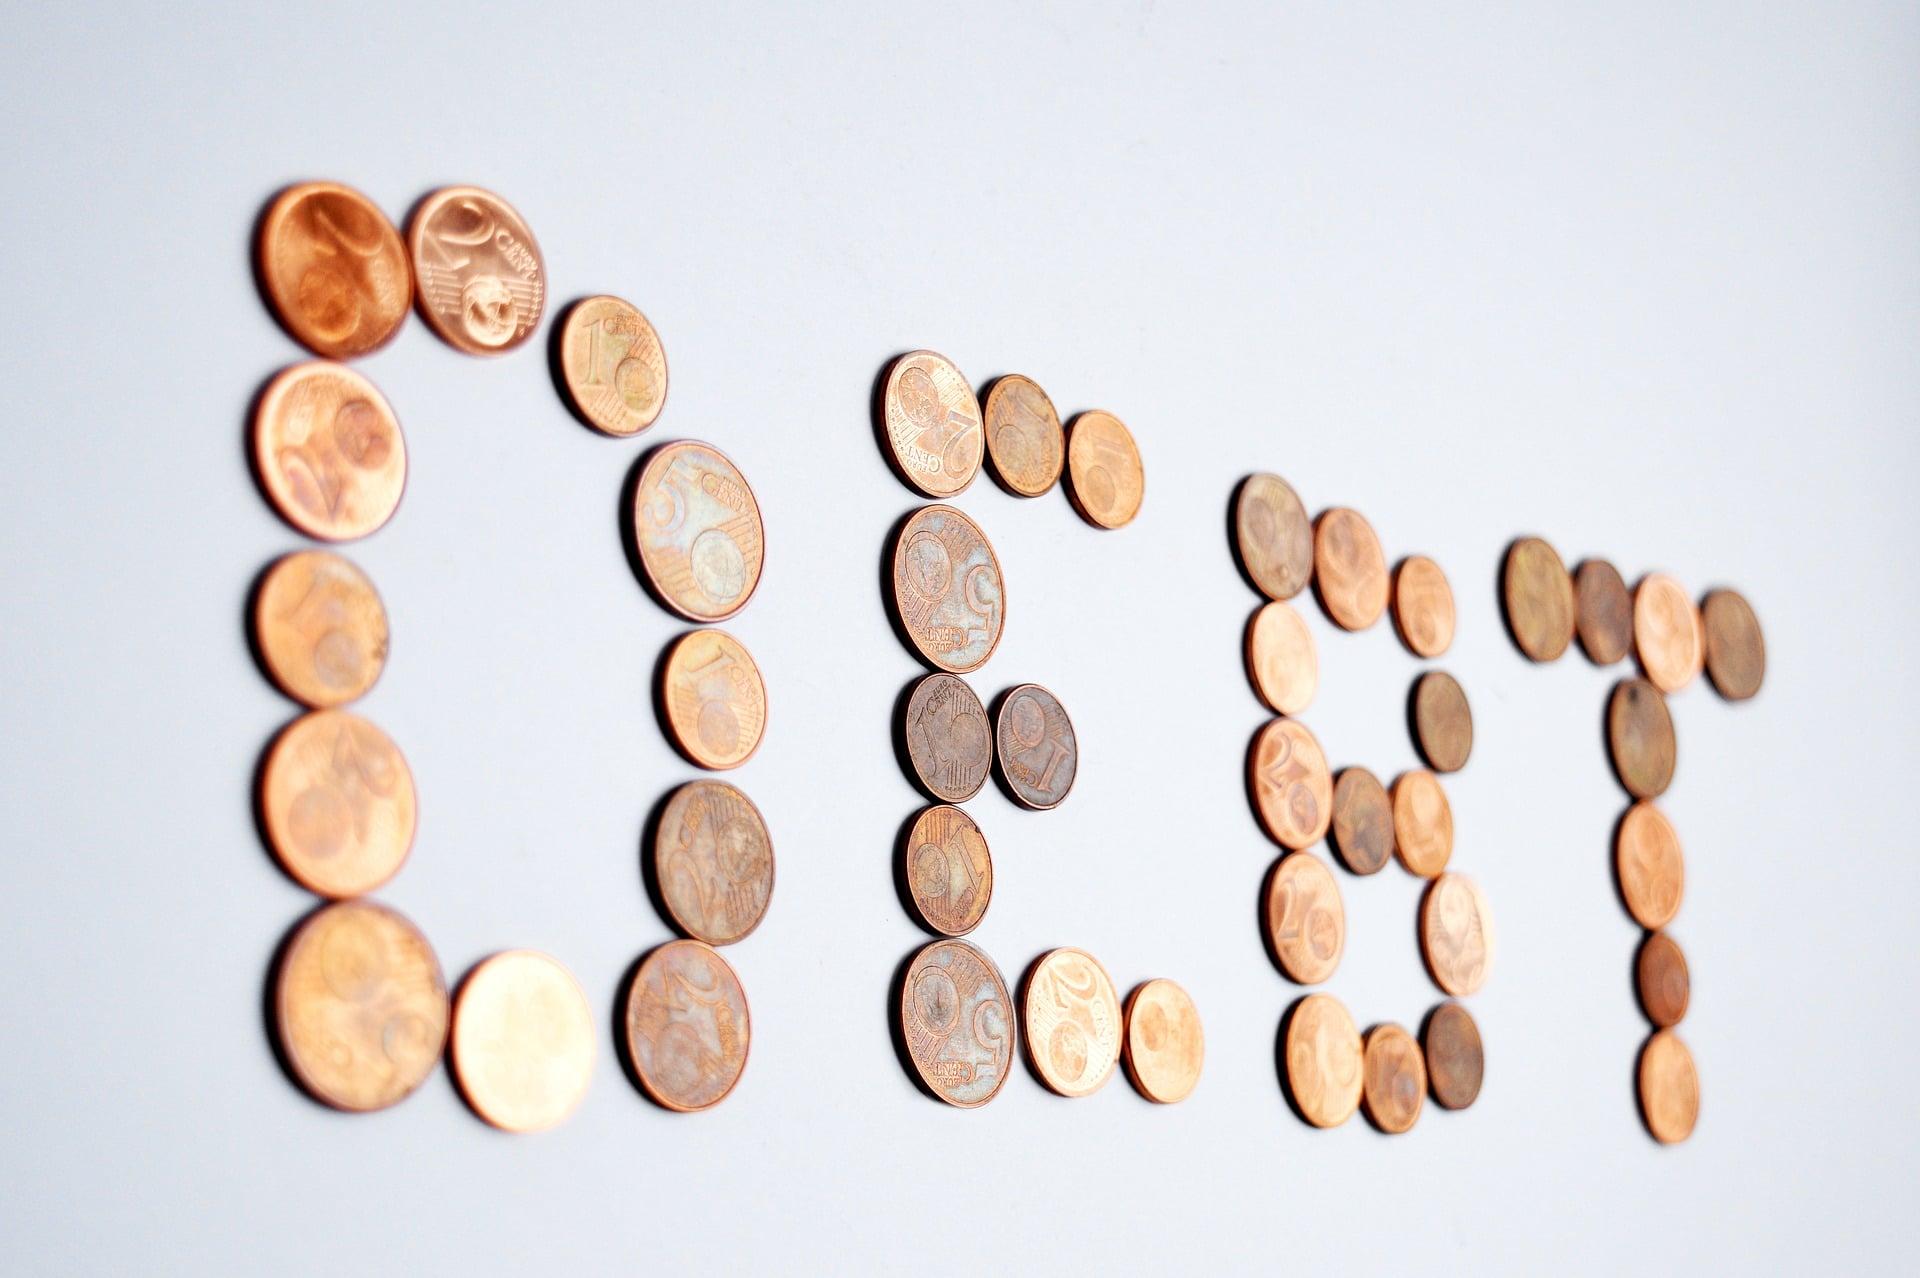 Debitorenbuchhaltung: Definition, Aufgaben & Beispiele